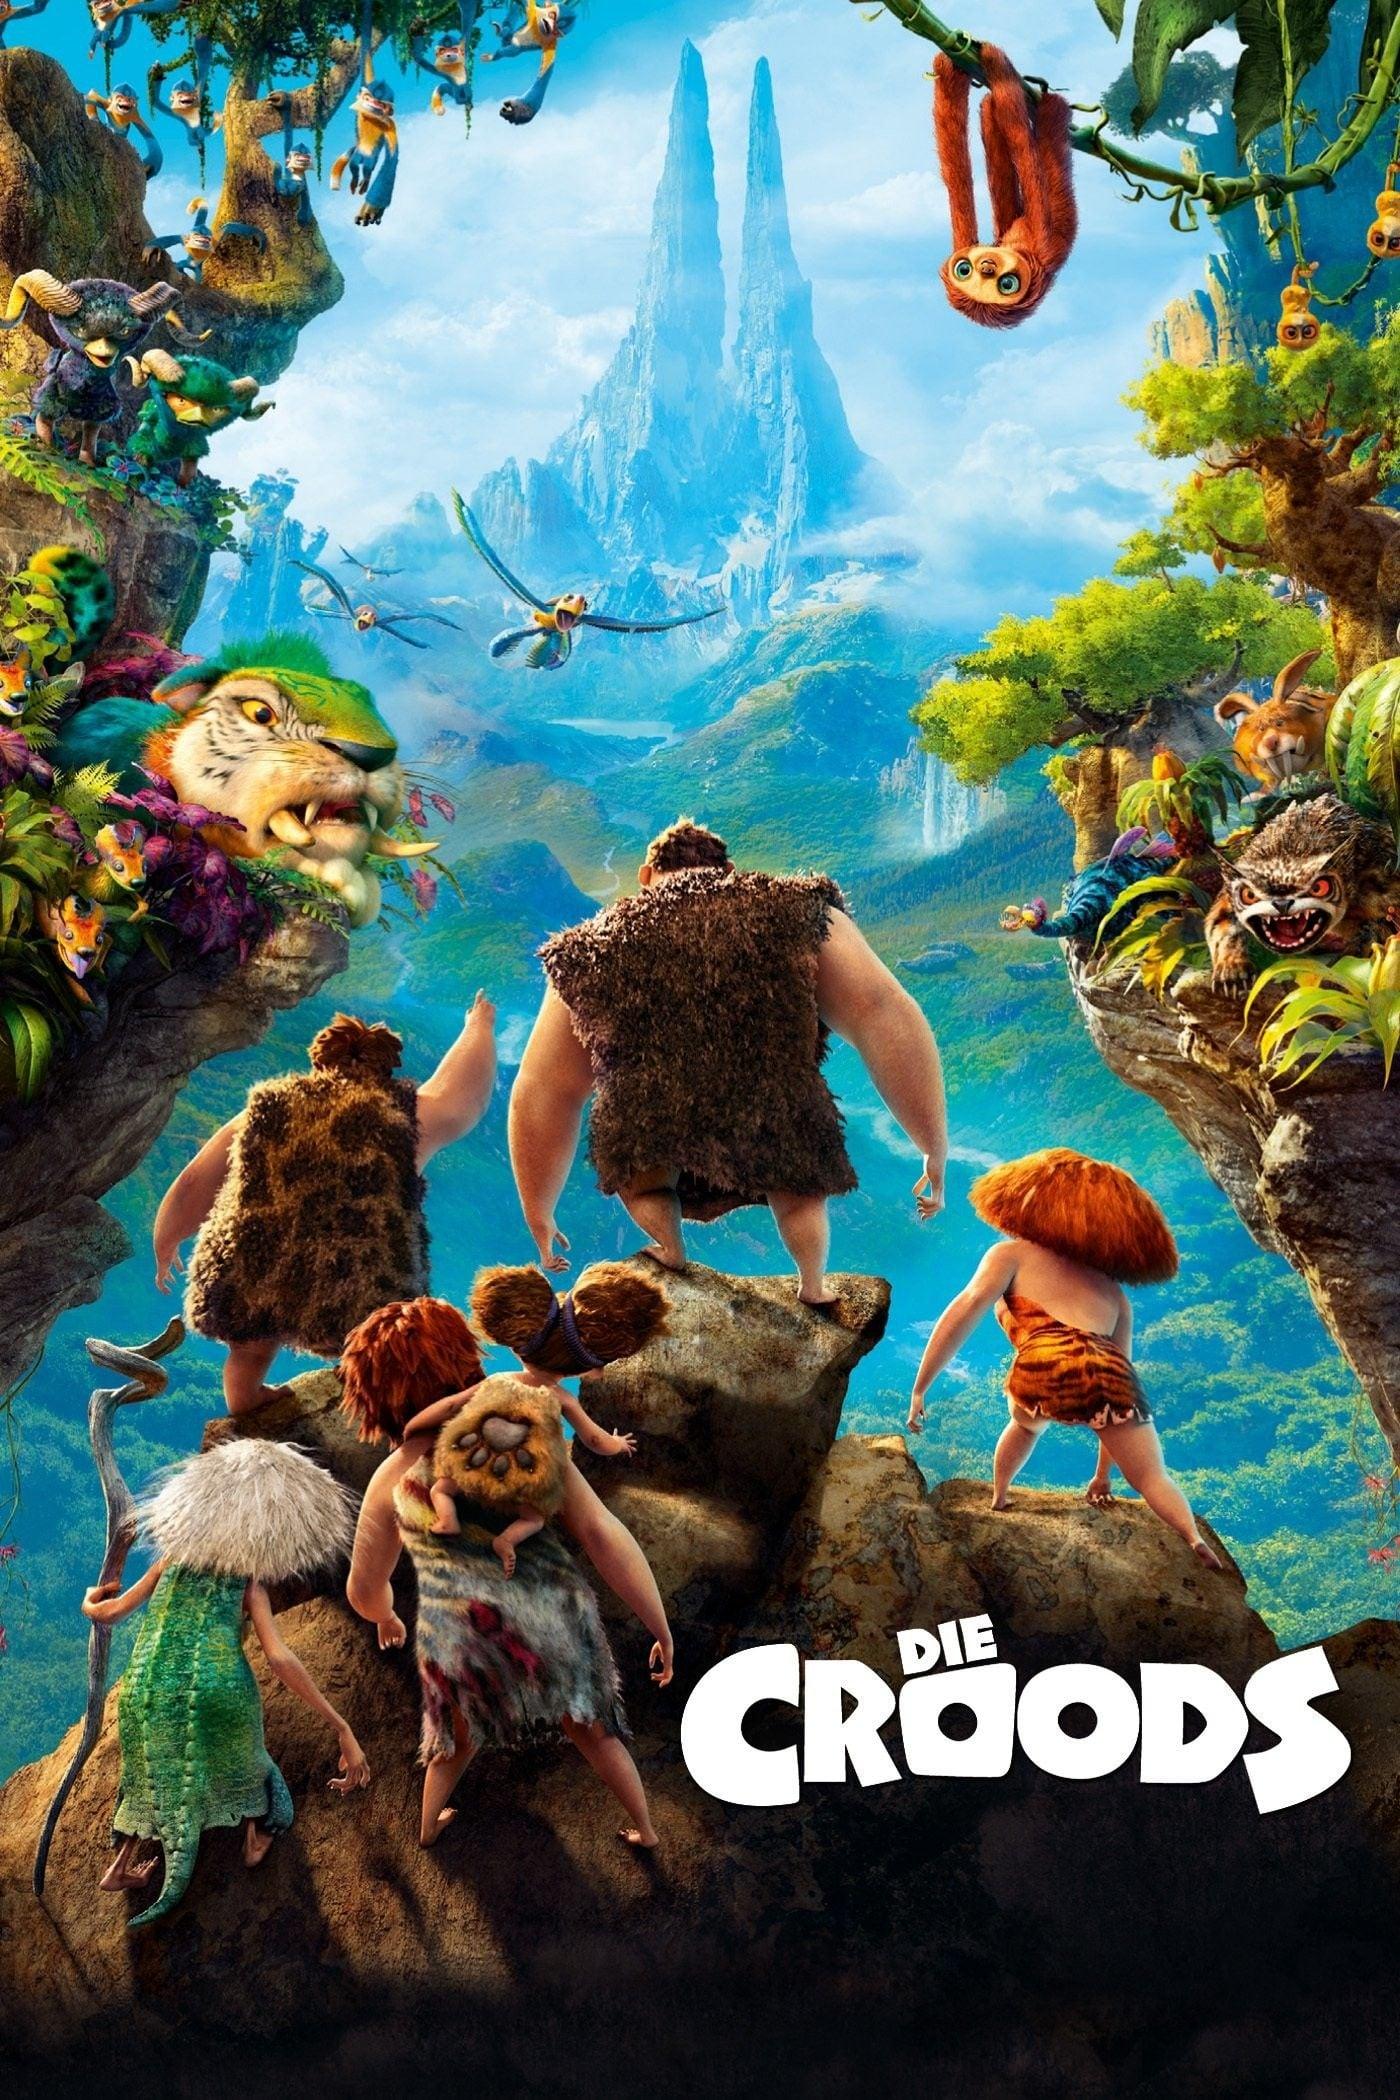 Die Croods Ganzer Film Deutsch